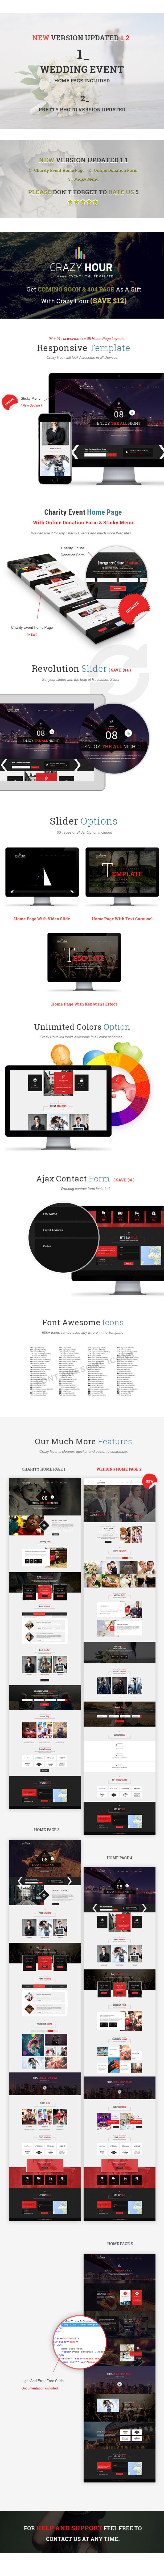 Crazy_Hour_HTML_Presentation